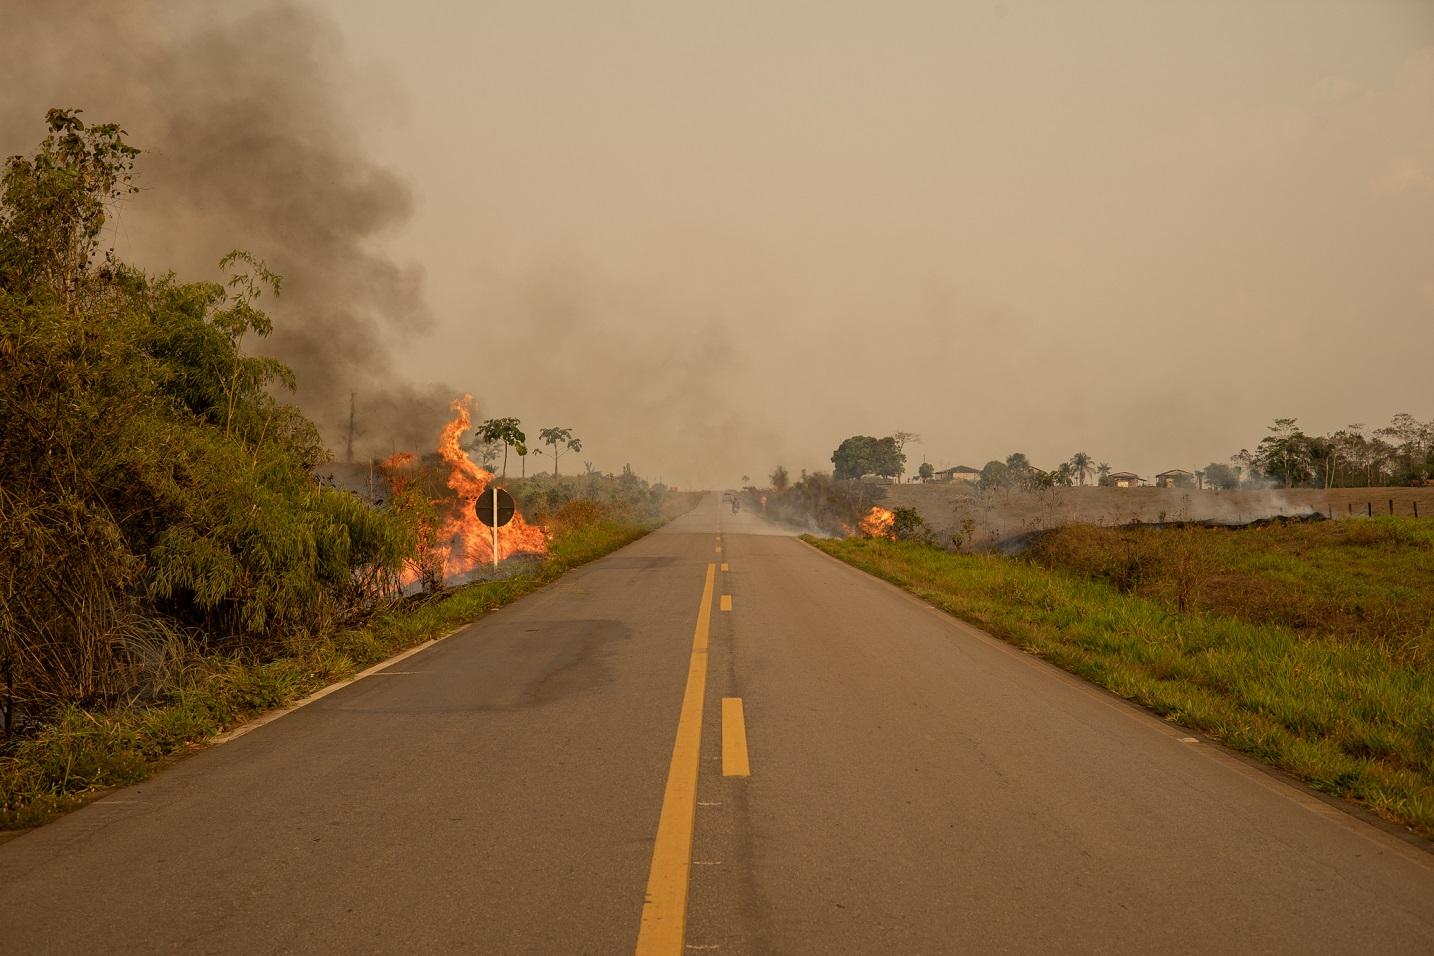 Incêndio na BR 364, entre Rio Branco e Sena Madureira, no Acre. Foto Marcio Pimenta